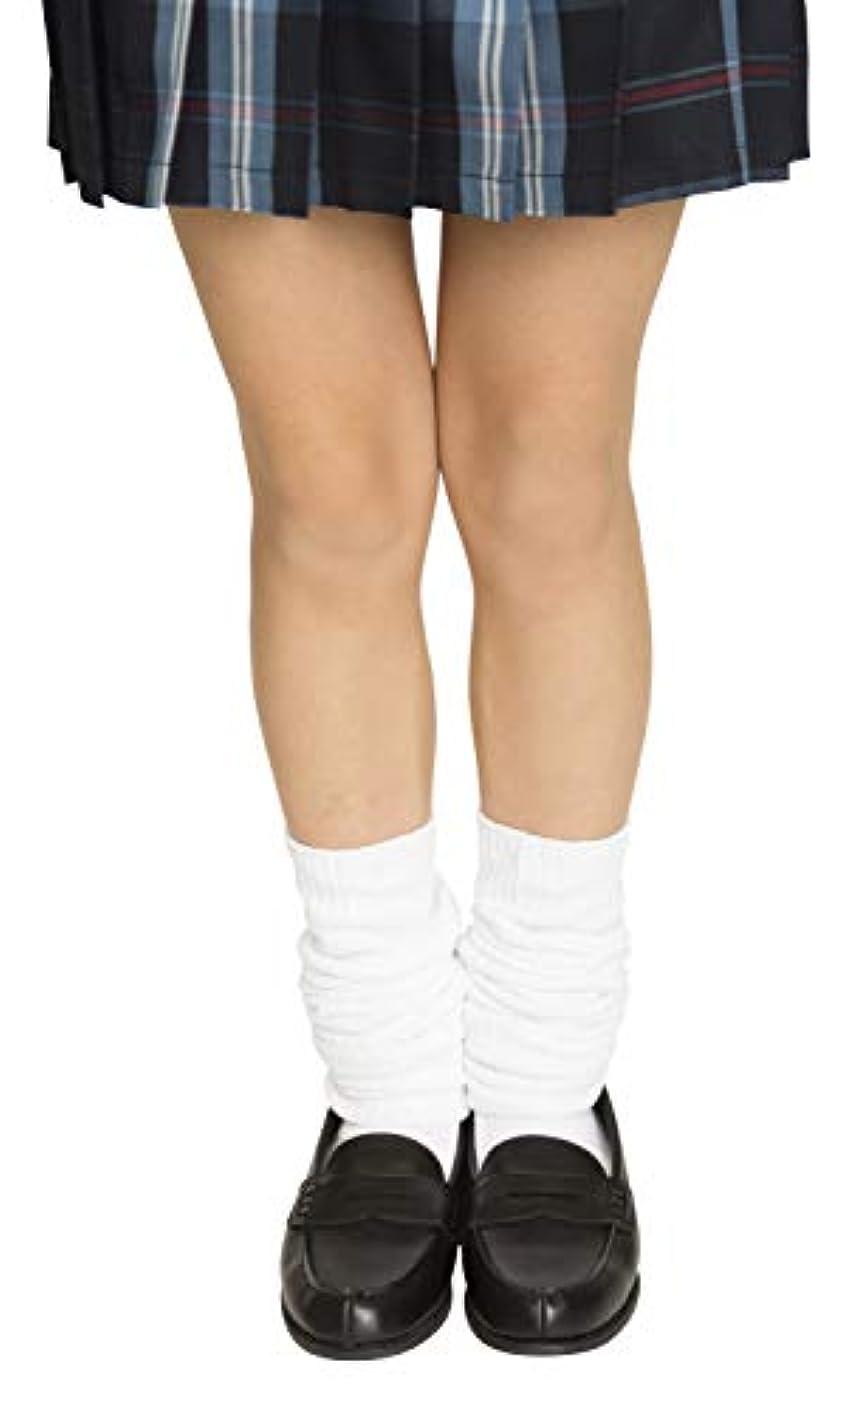 羊の服を着た狼気分が良い大惨事ルーズソックス ソックス 靴下 制服 コスプレ 80cm 白 (TeensEver)